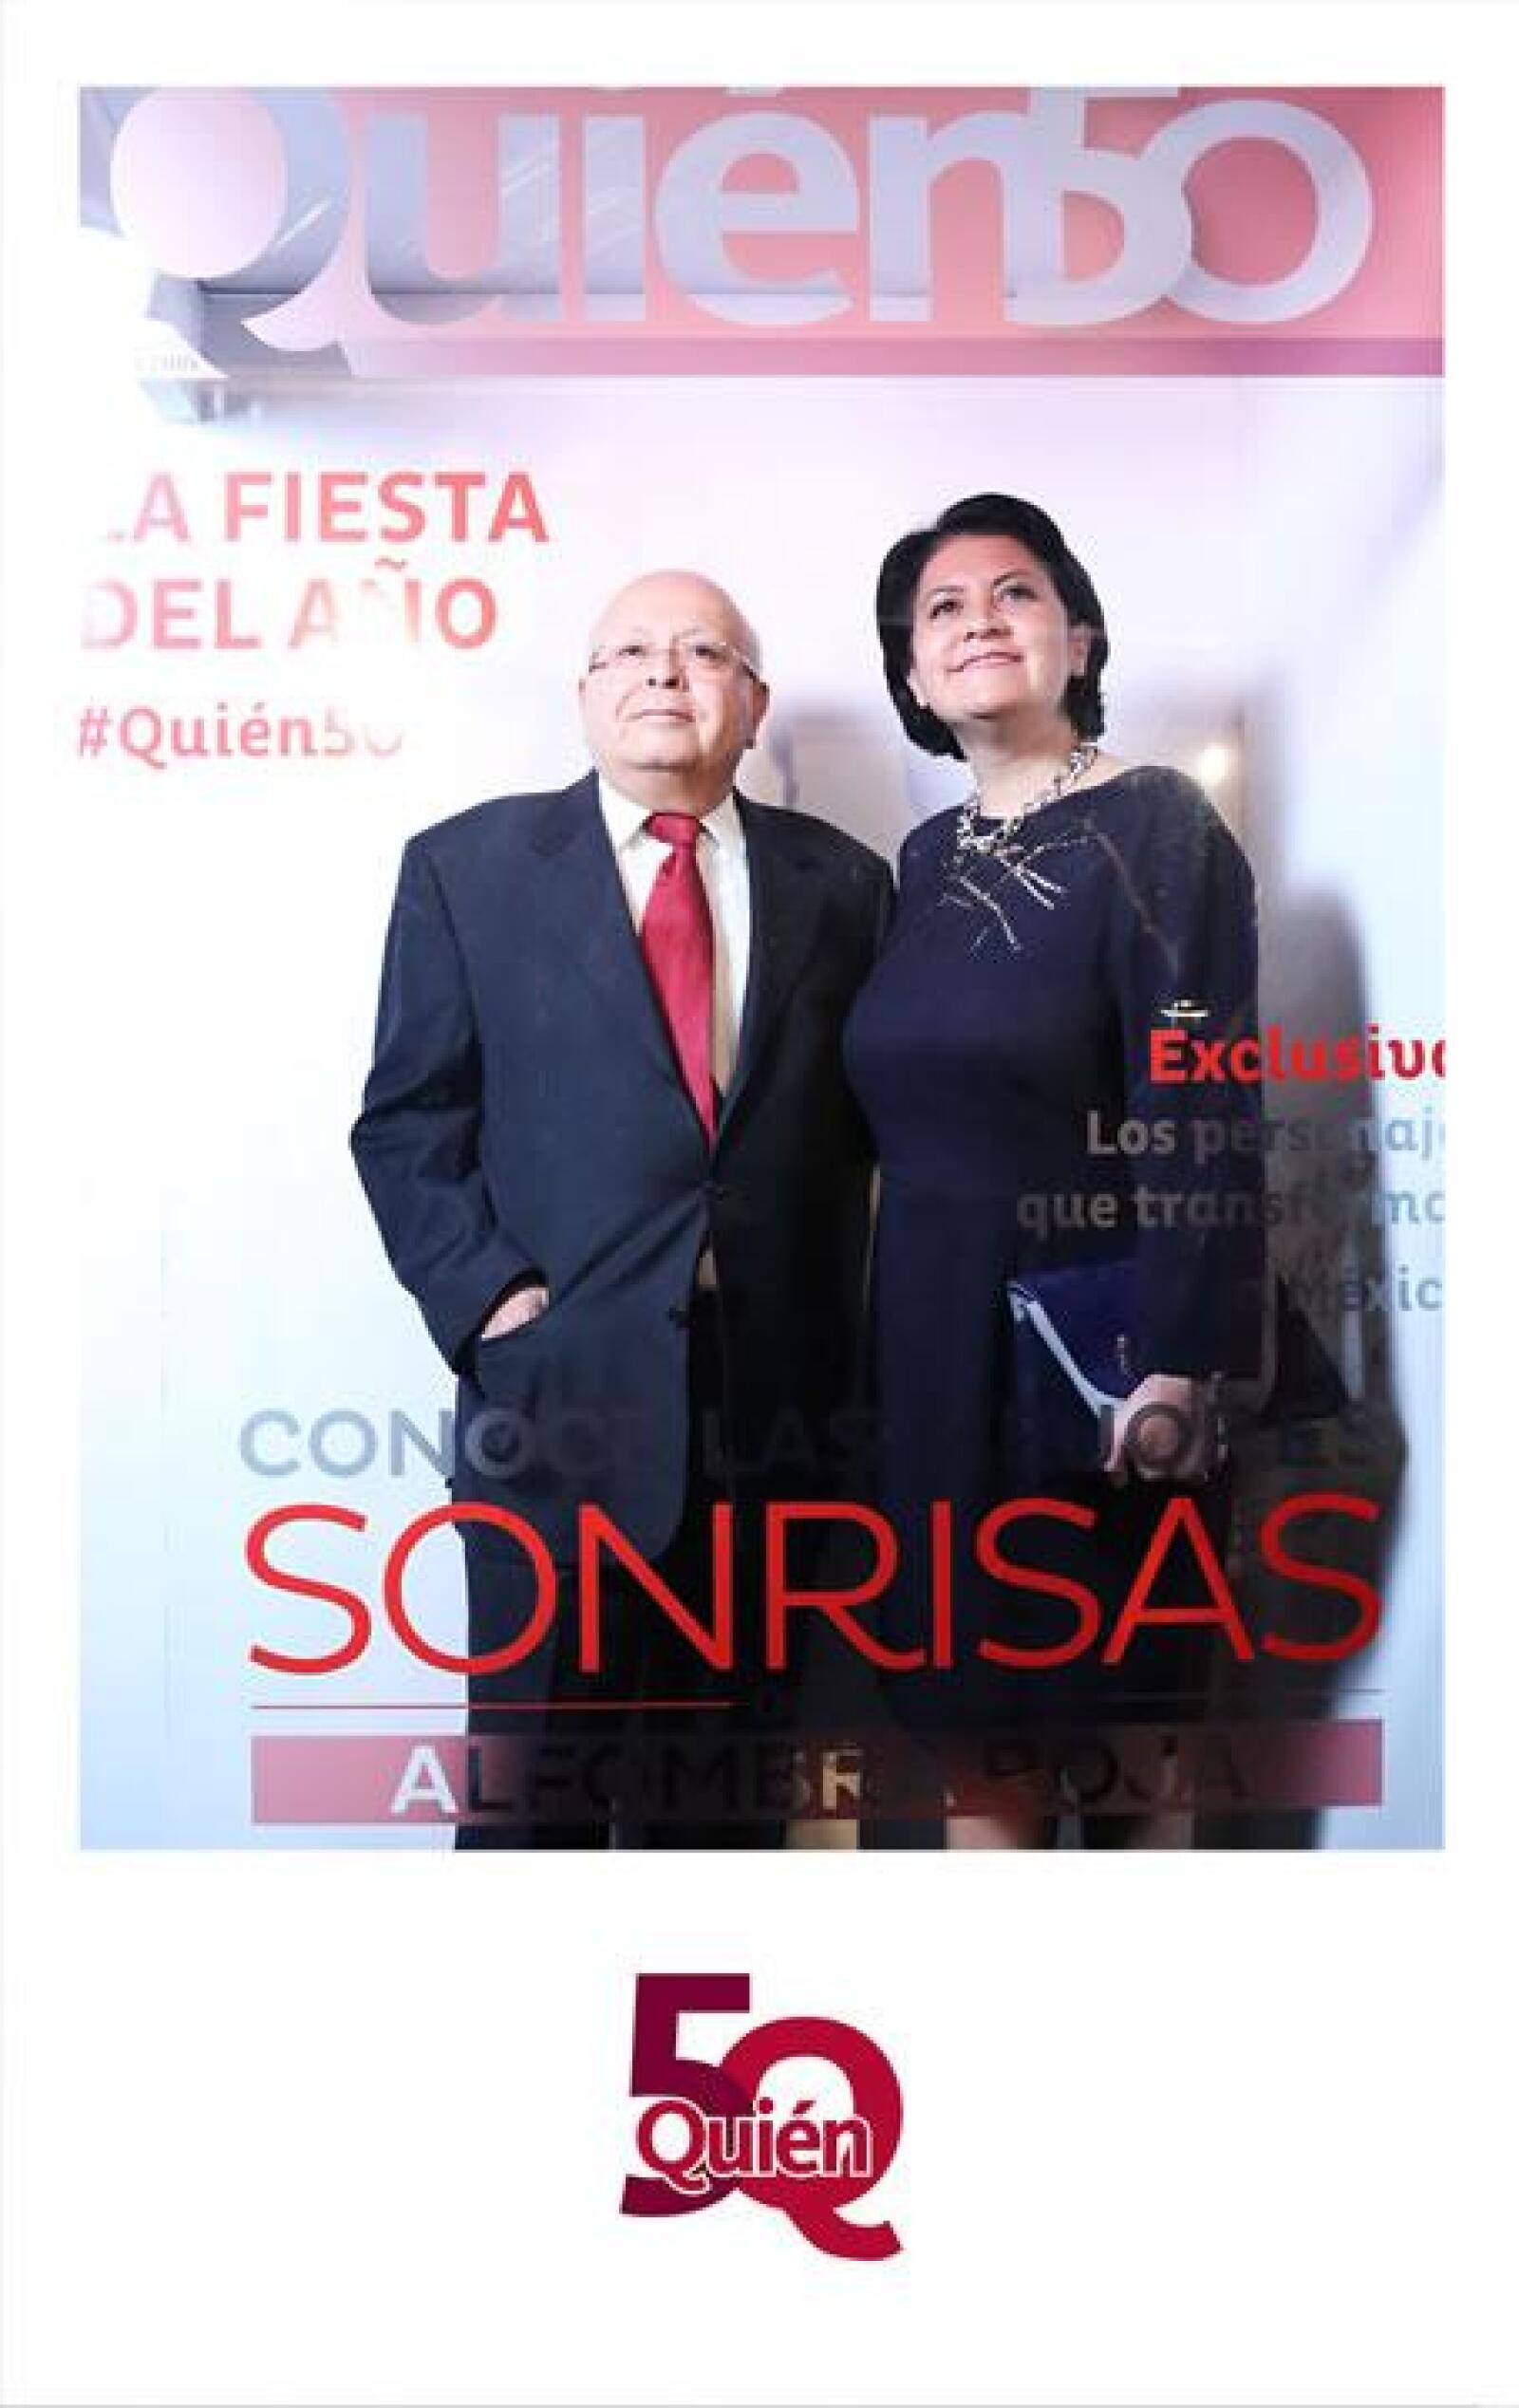 Hilda y Gerardo Estrada